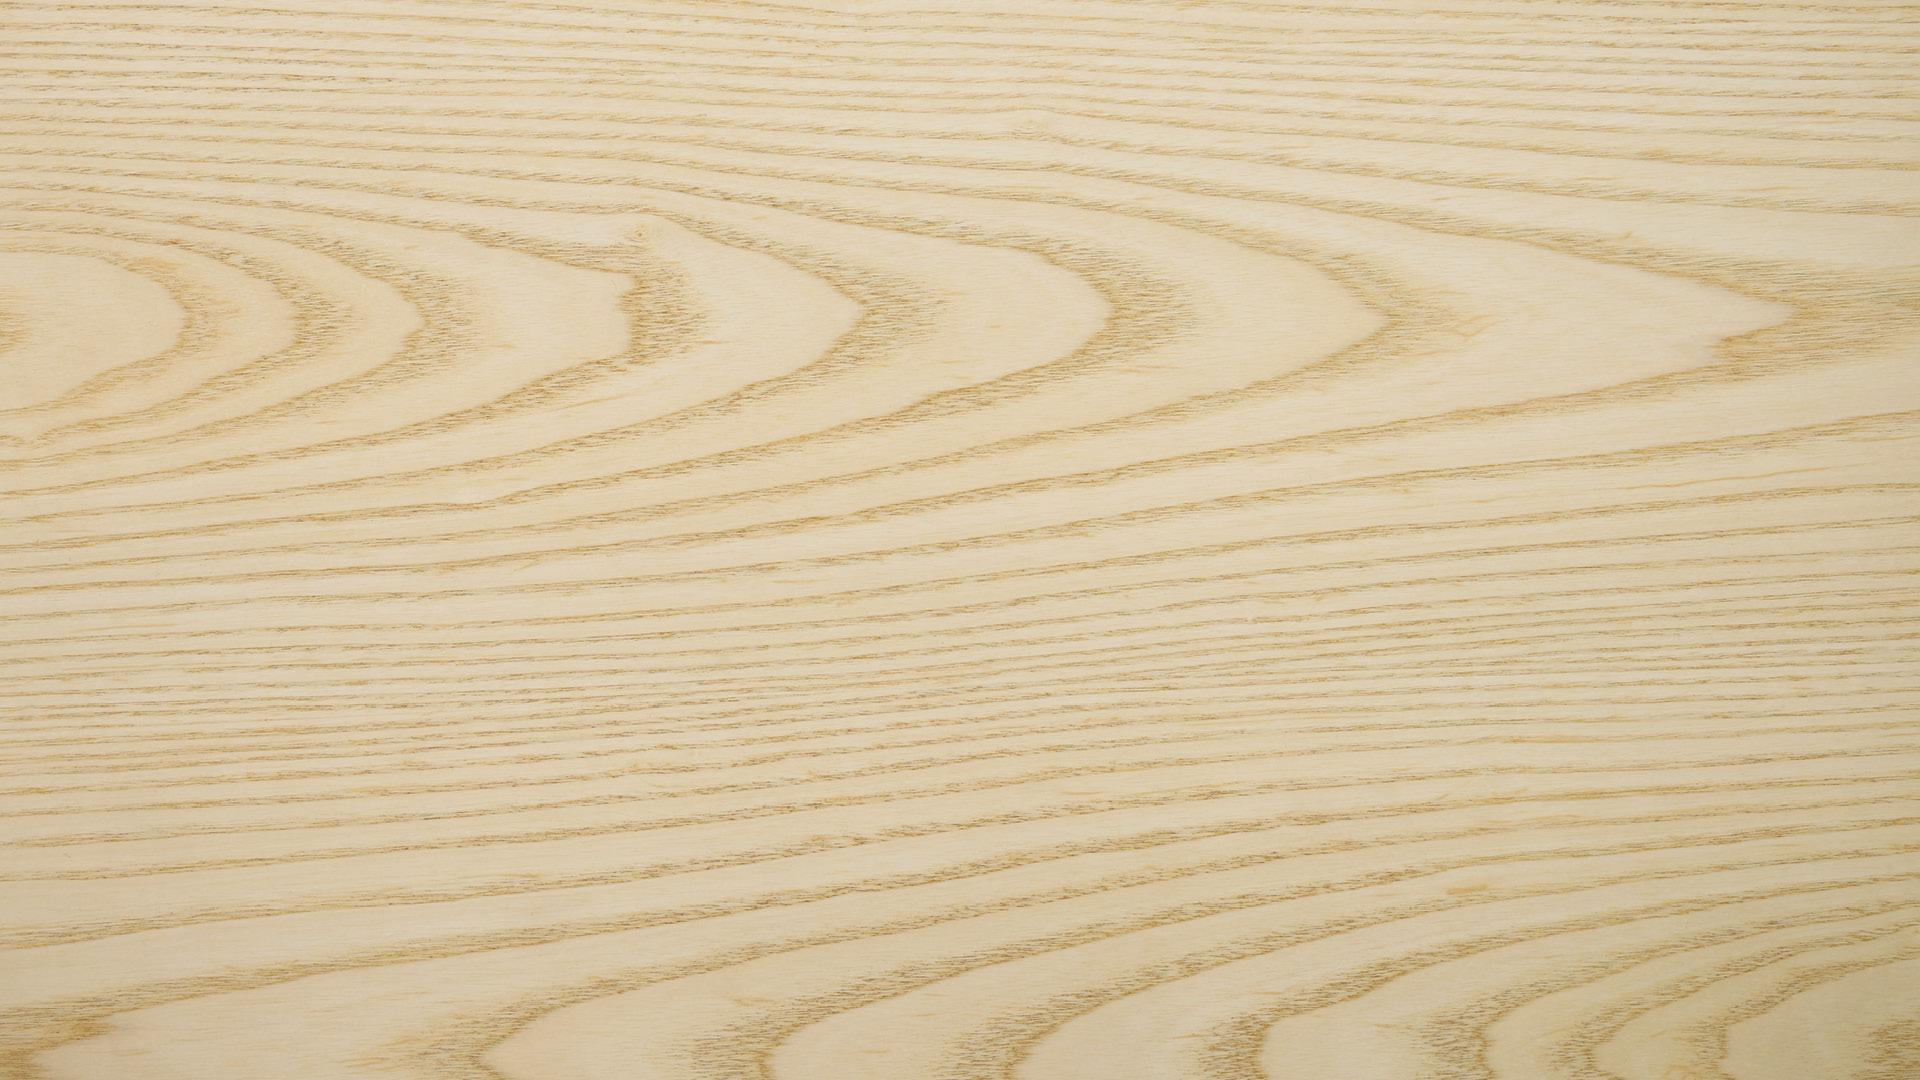 北美白蠟木皮雙面包裹,溫潤木感凹凸可觸